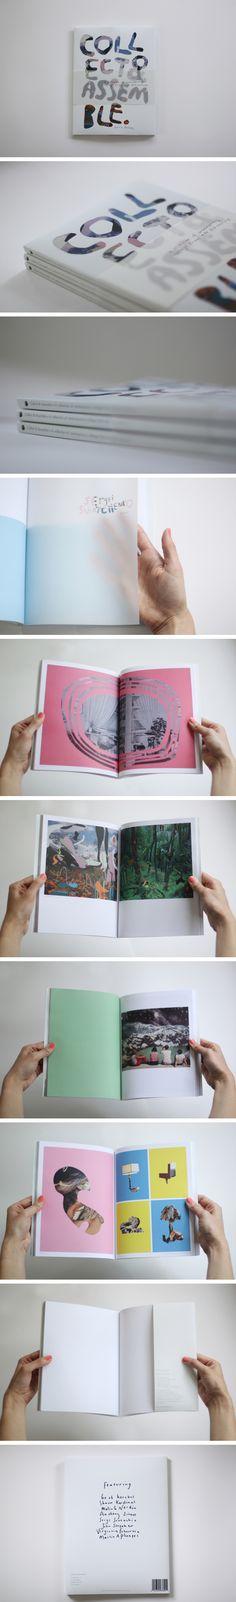 Collect & Assemble | Exhibition Catalogue